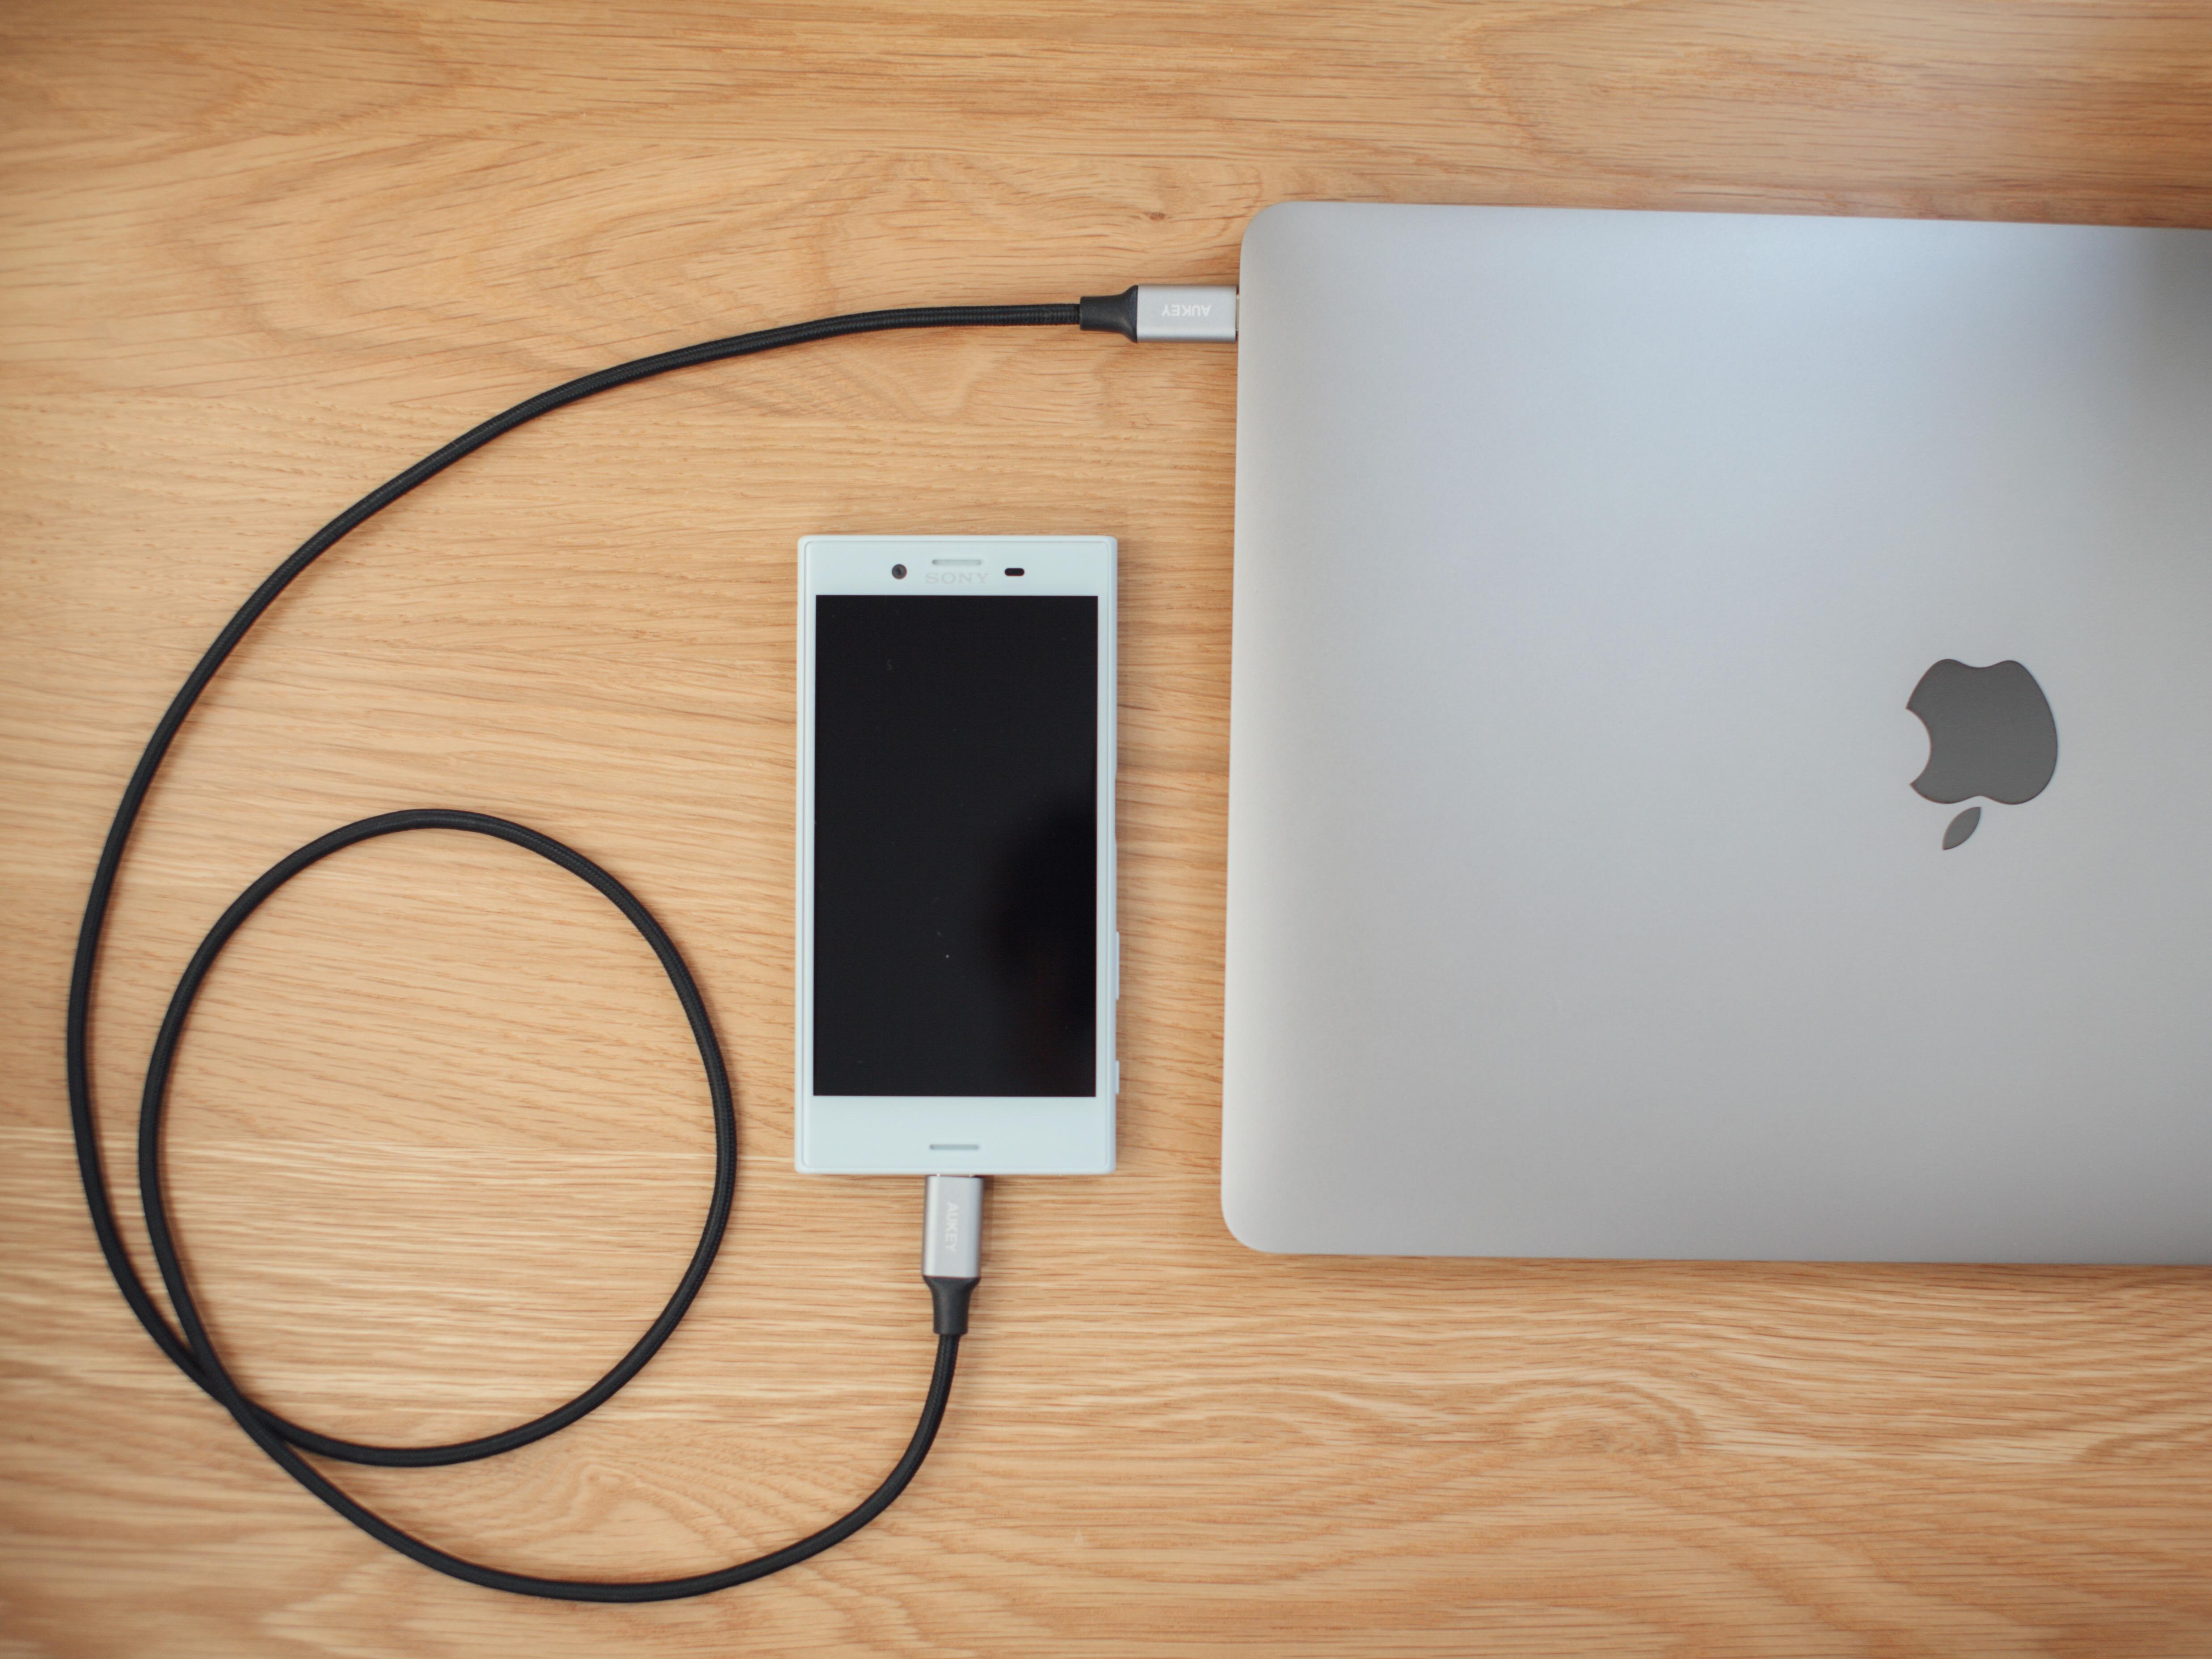 Xperia X Compactに音楽を入れる方法